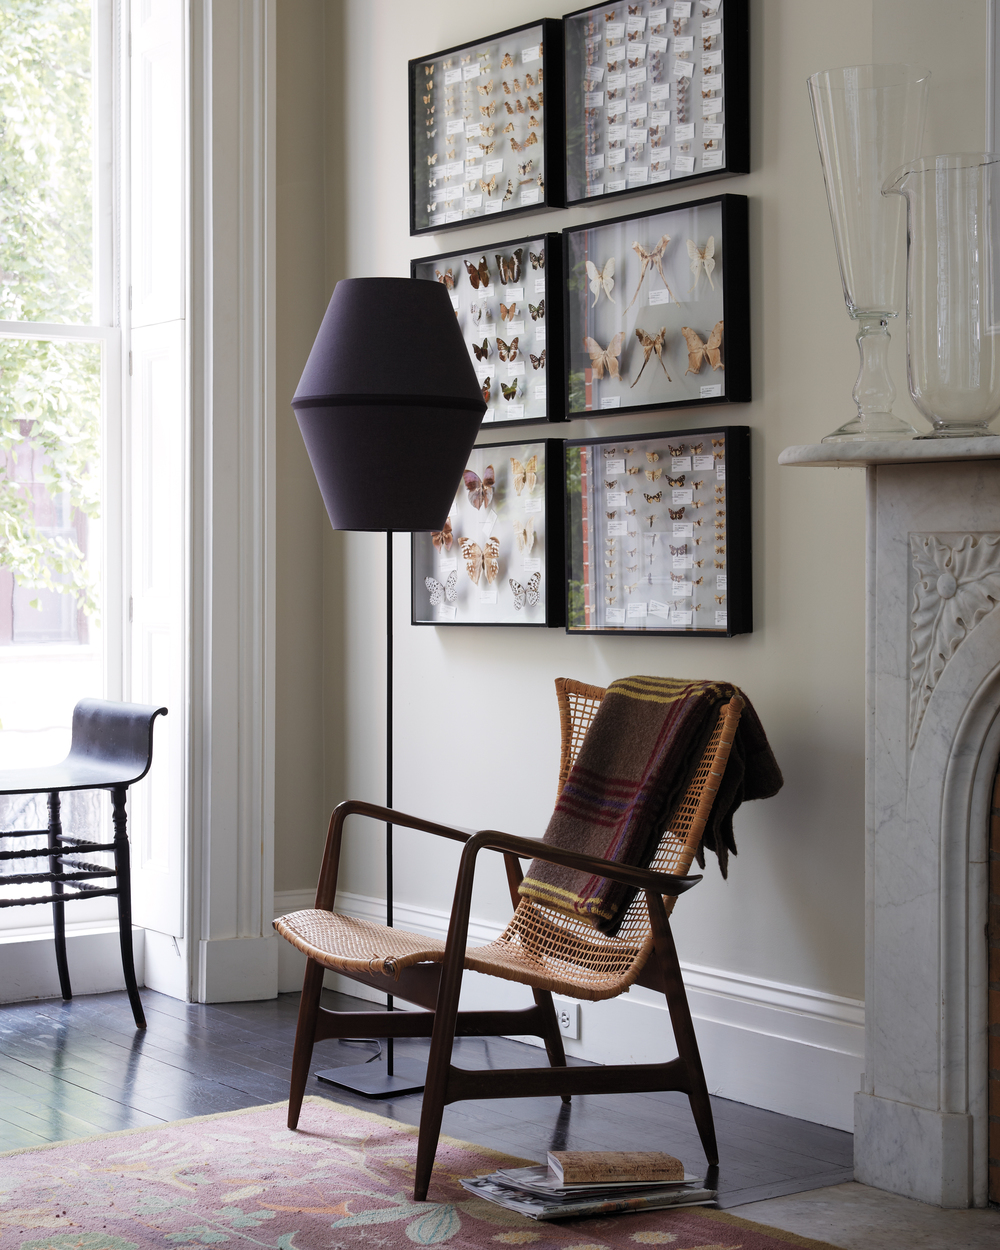 D110260-livingroom-blacklamp-038-downbugs.jpg